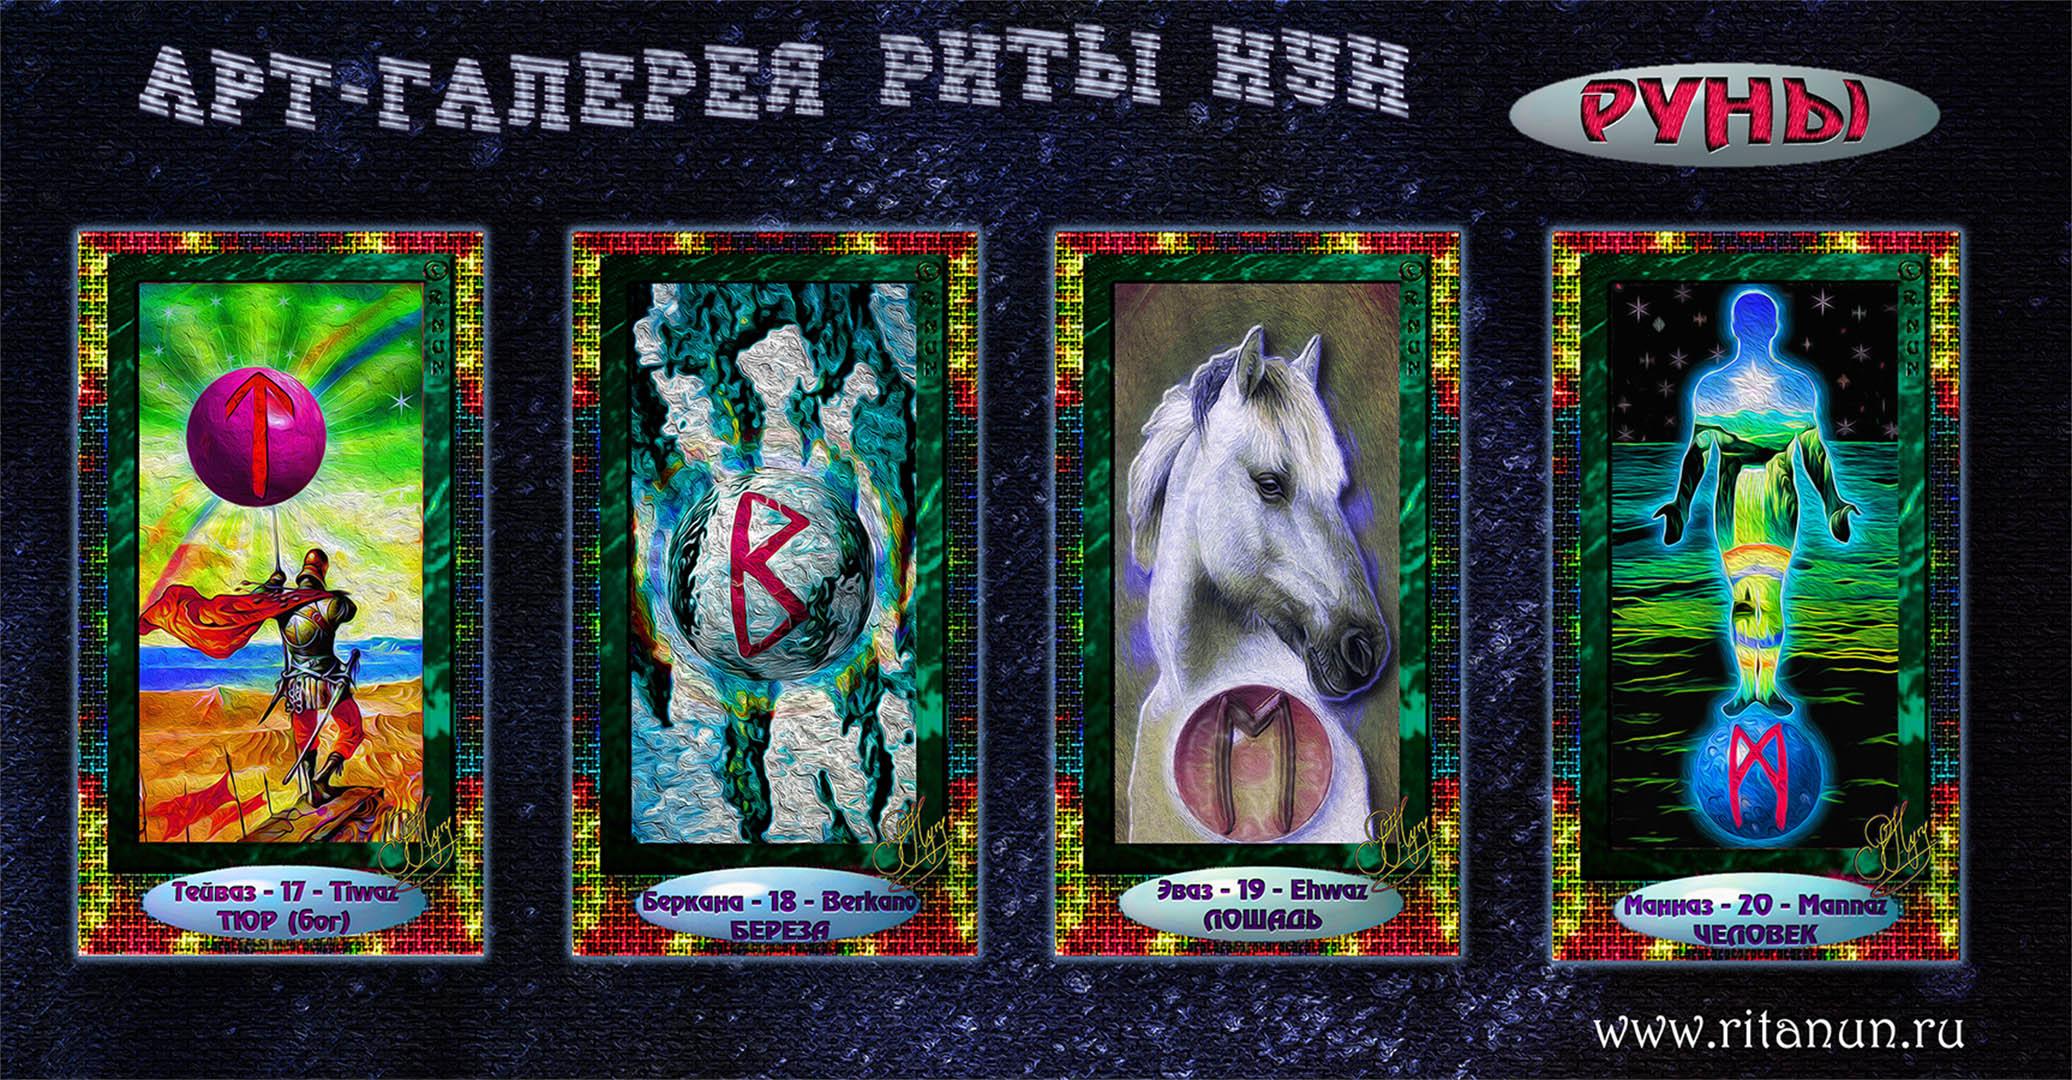 Руны Футарка. 24 карты